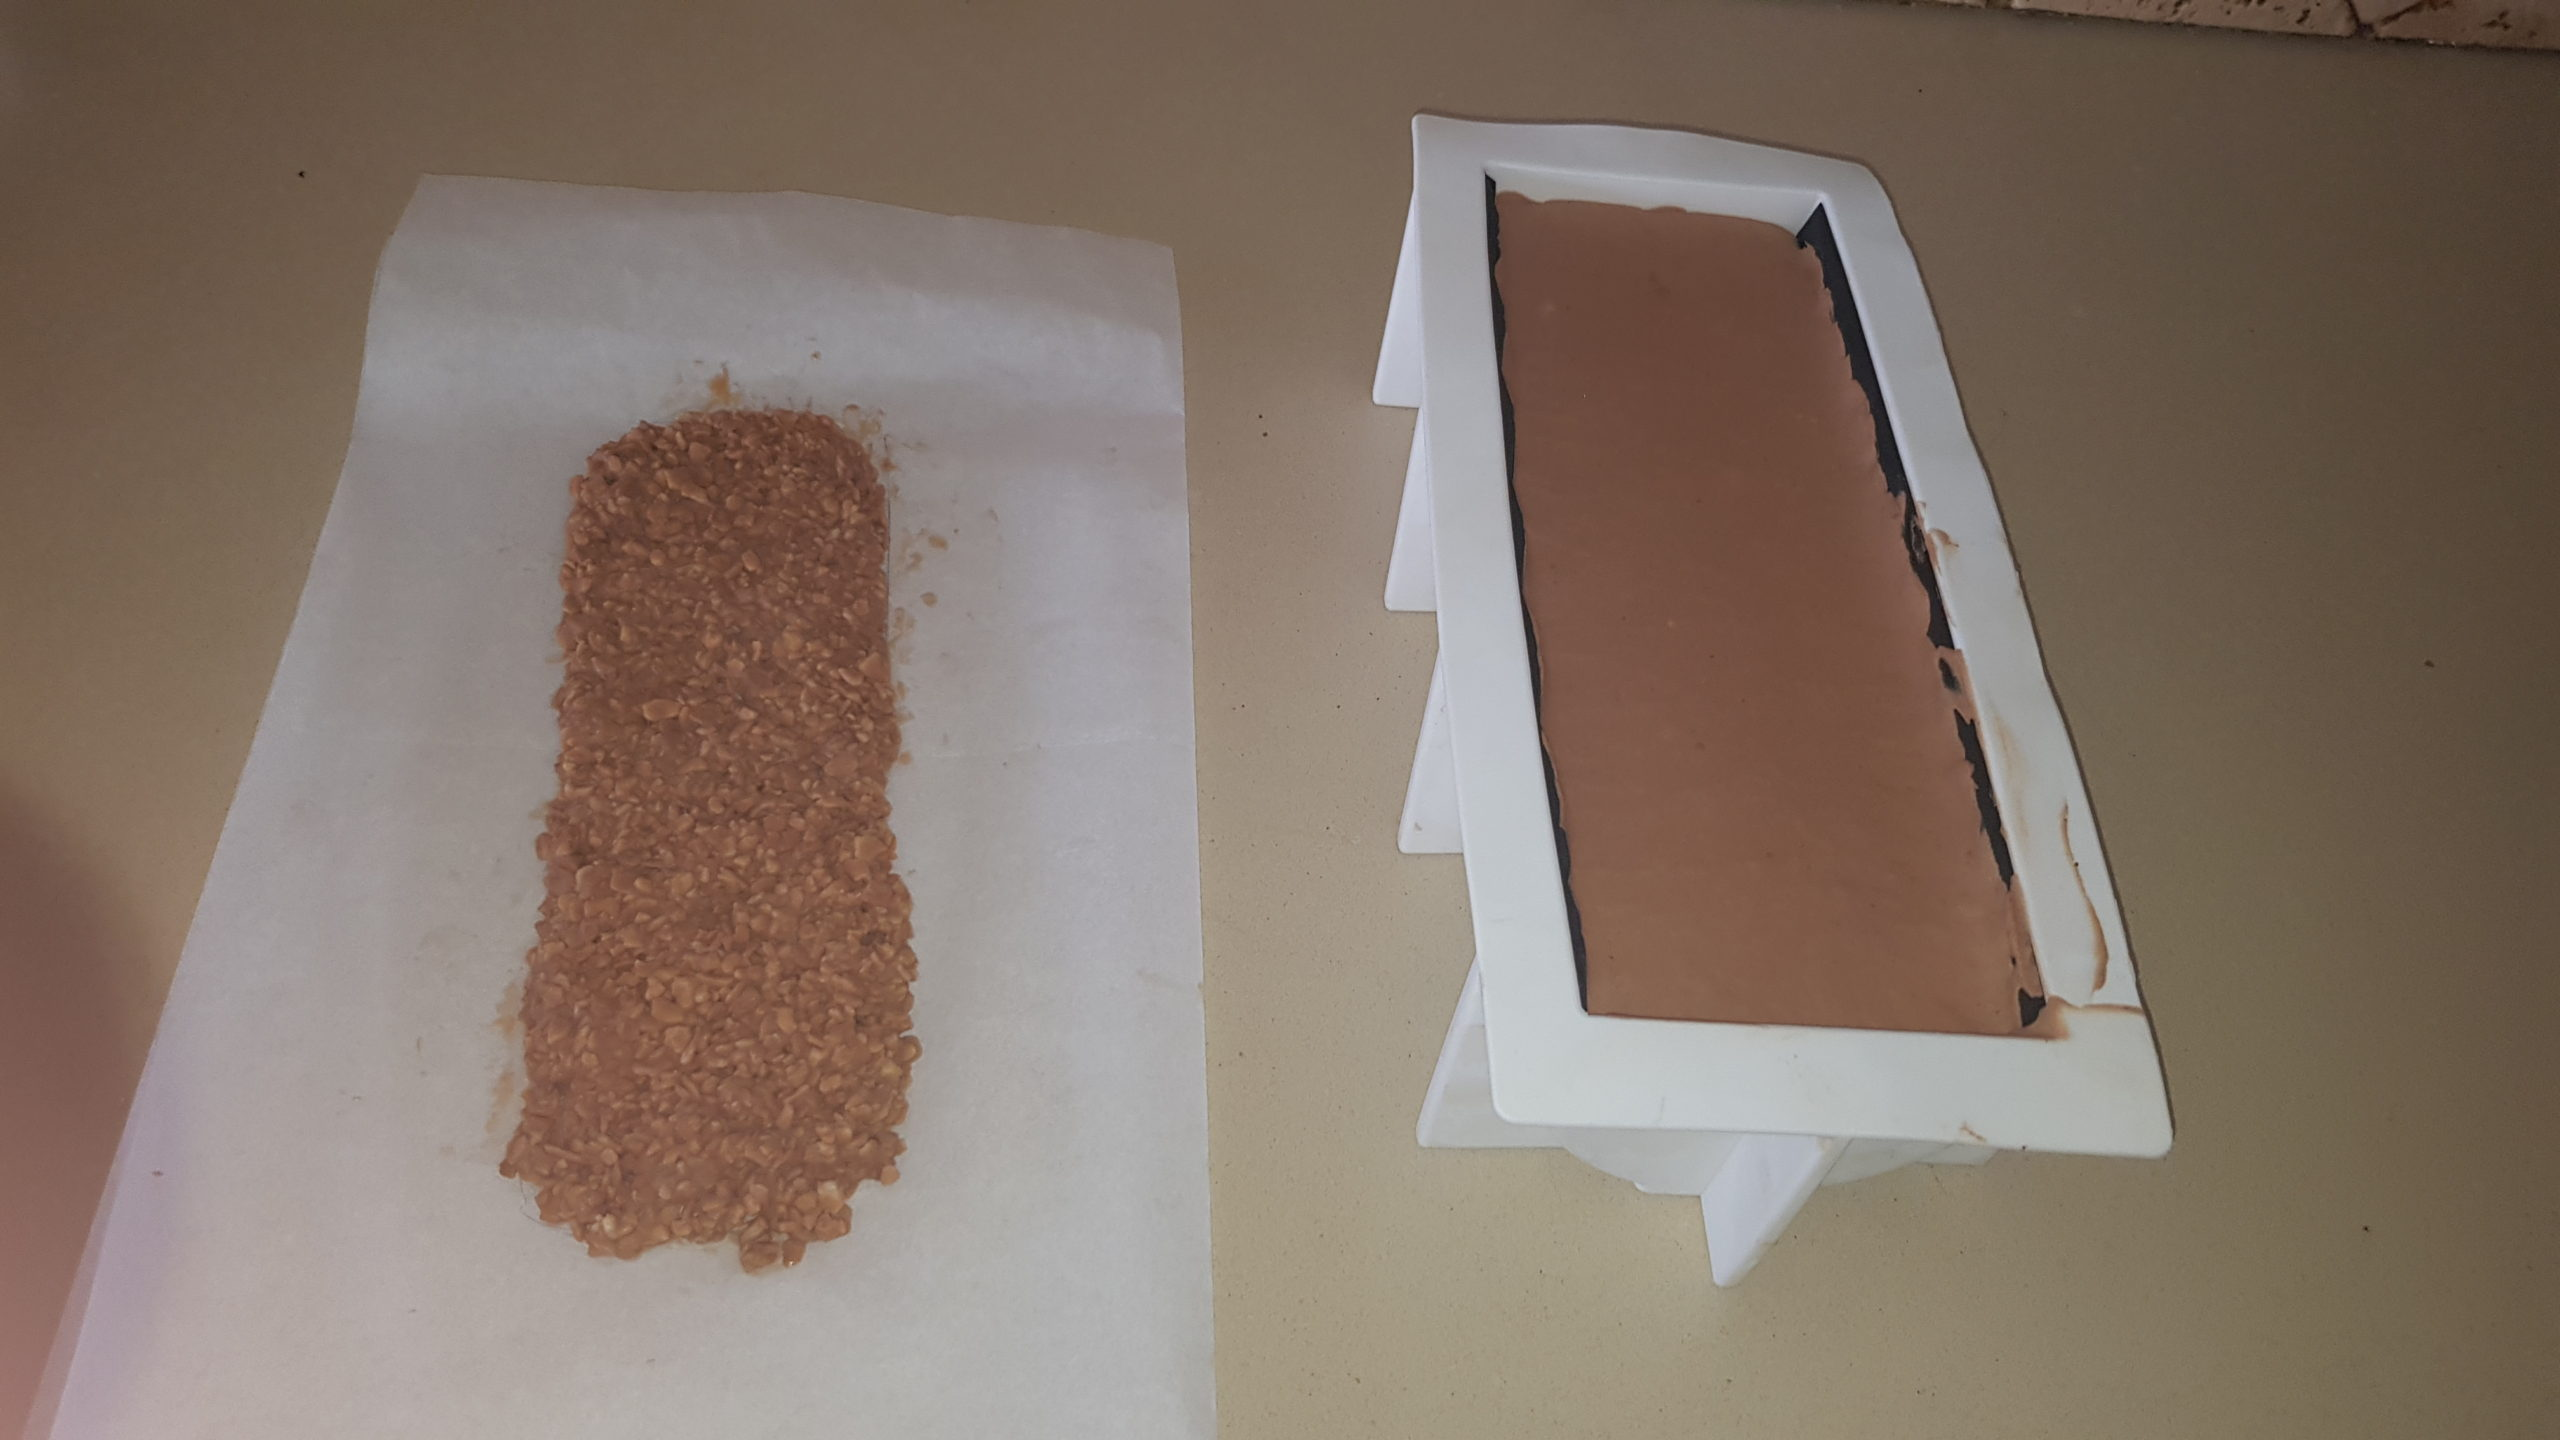 Technique pâtisserie : Biscuit croustillant pour fond de gâteau ou insert pour entremet